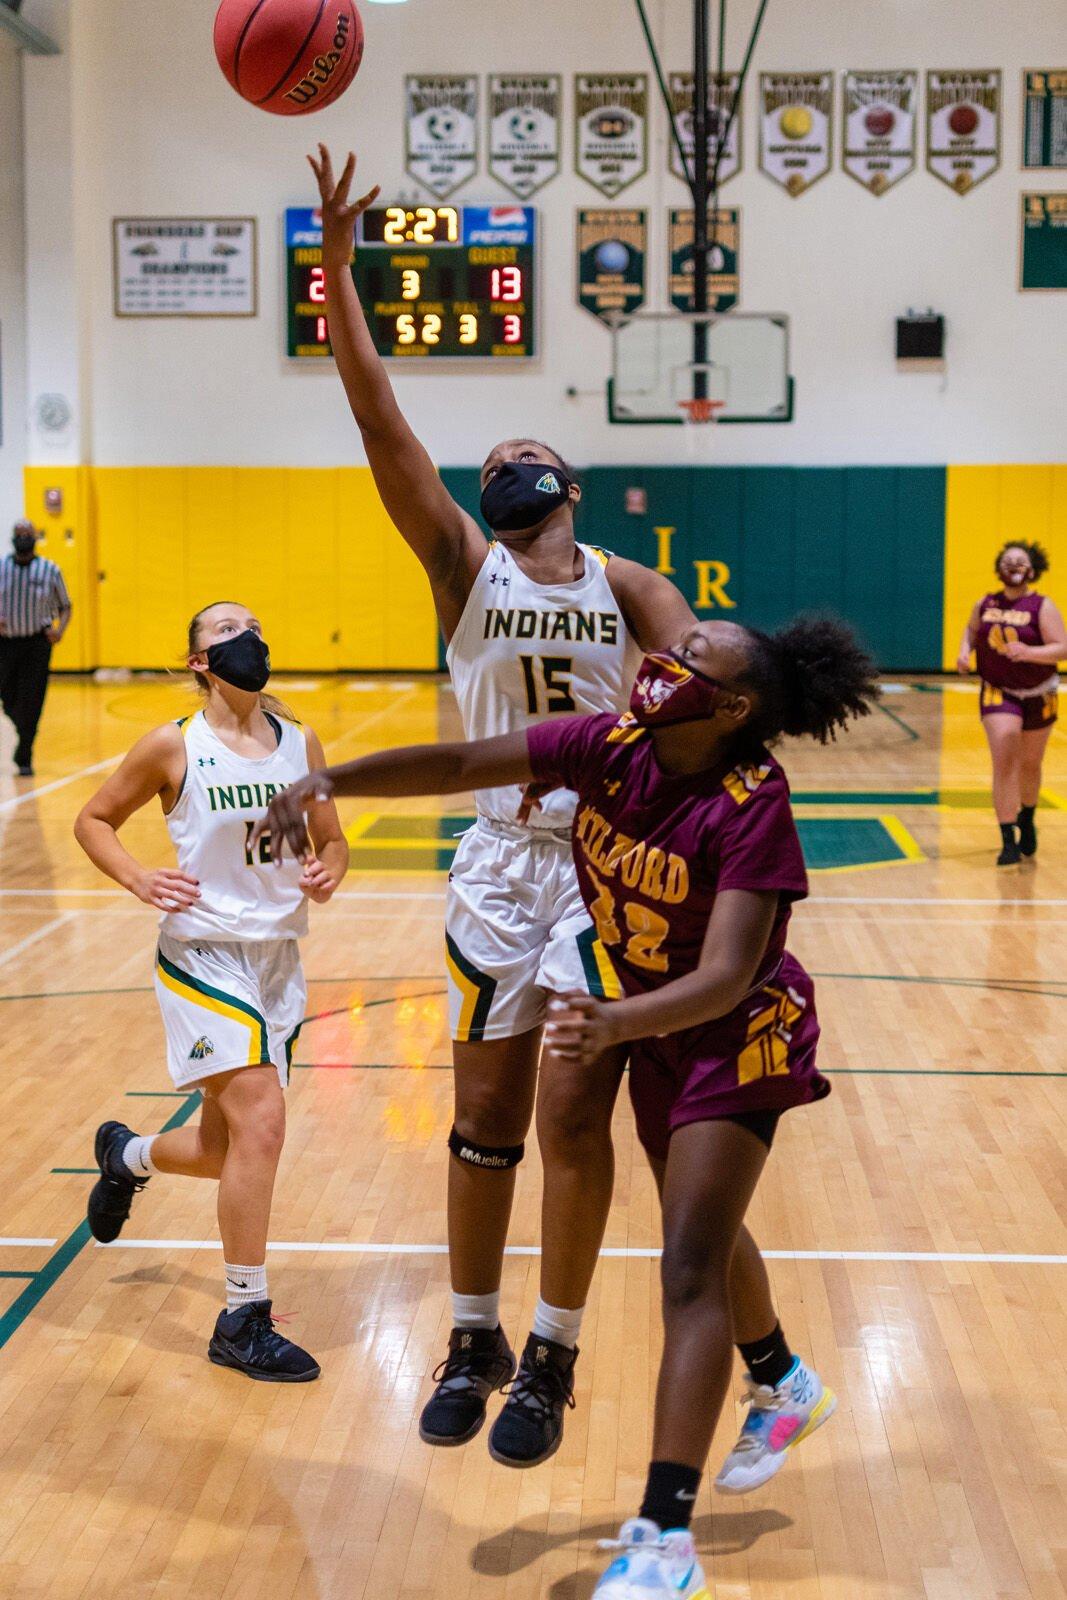 IRHS Girls' Basketball vs. Milford - Le'Anya Garrison-SLam-4953.jpg